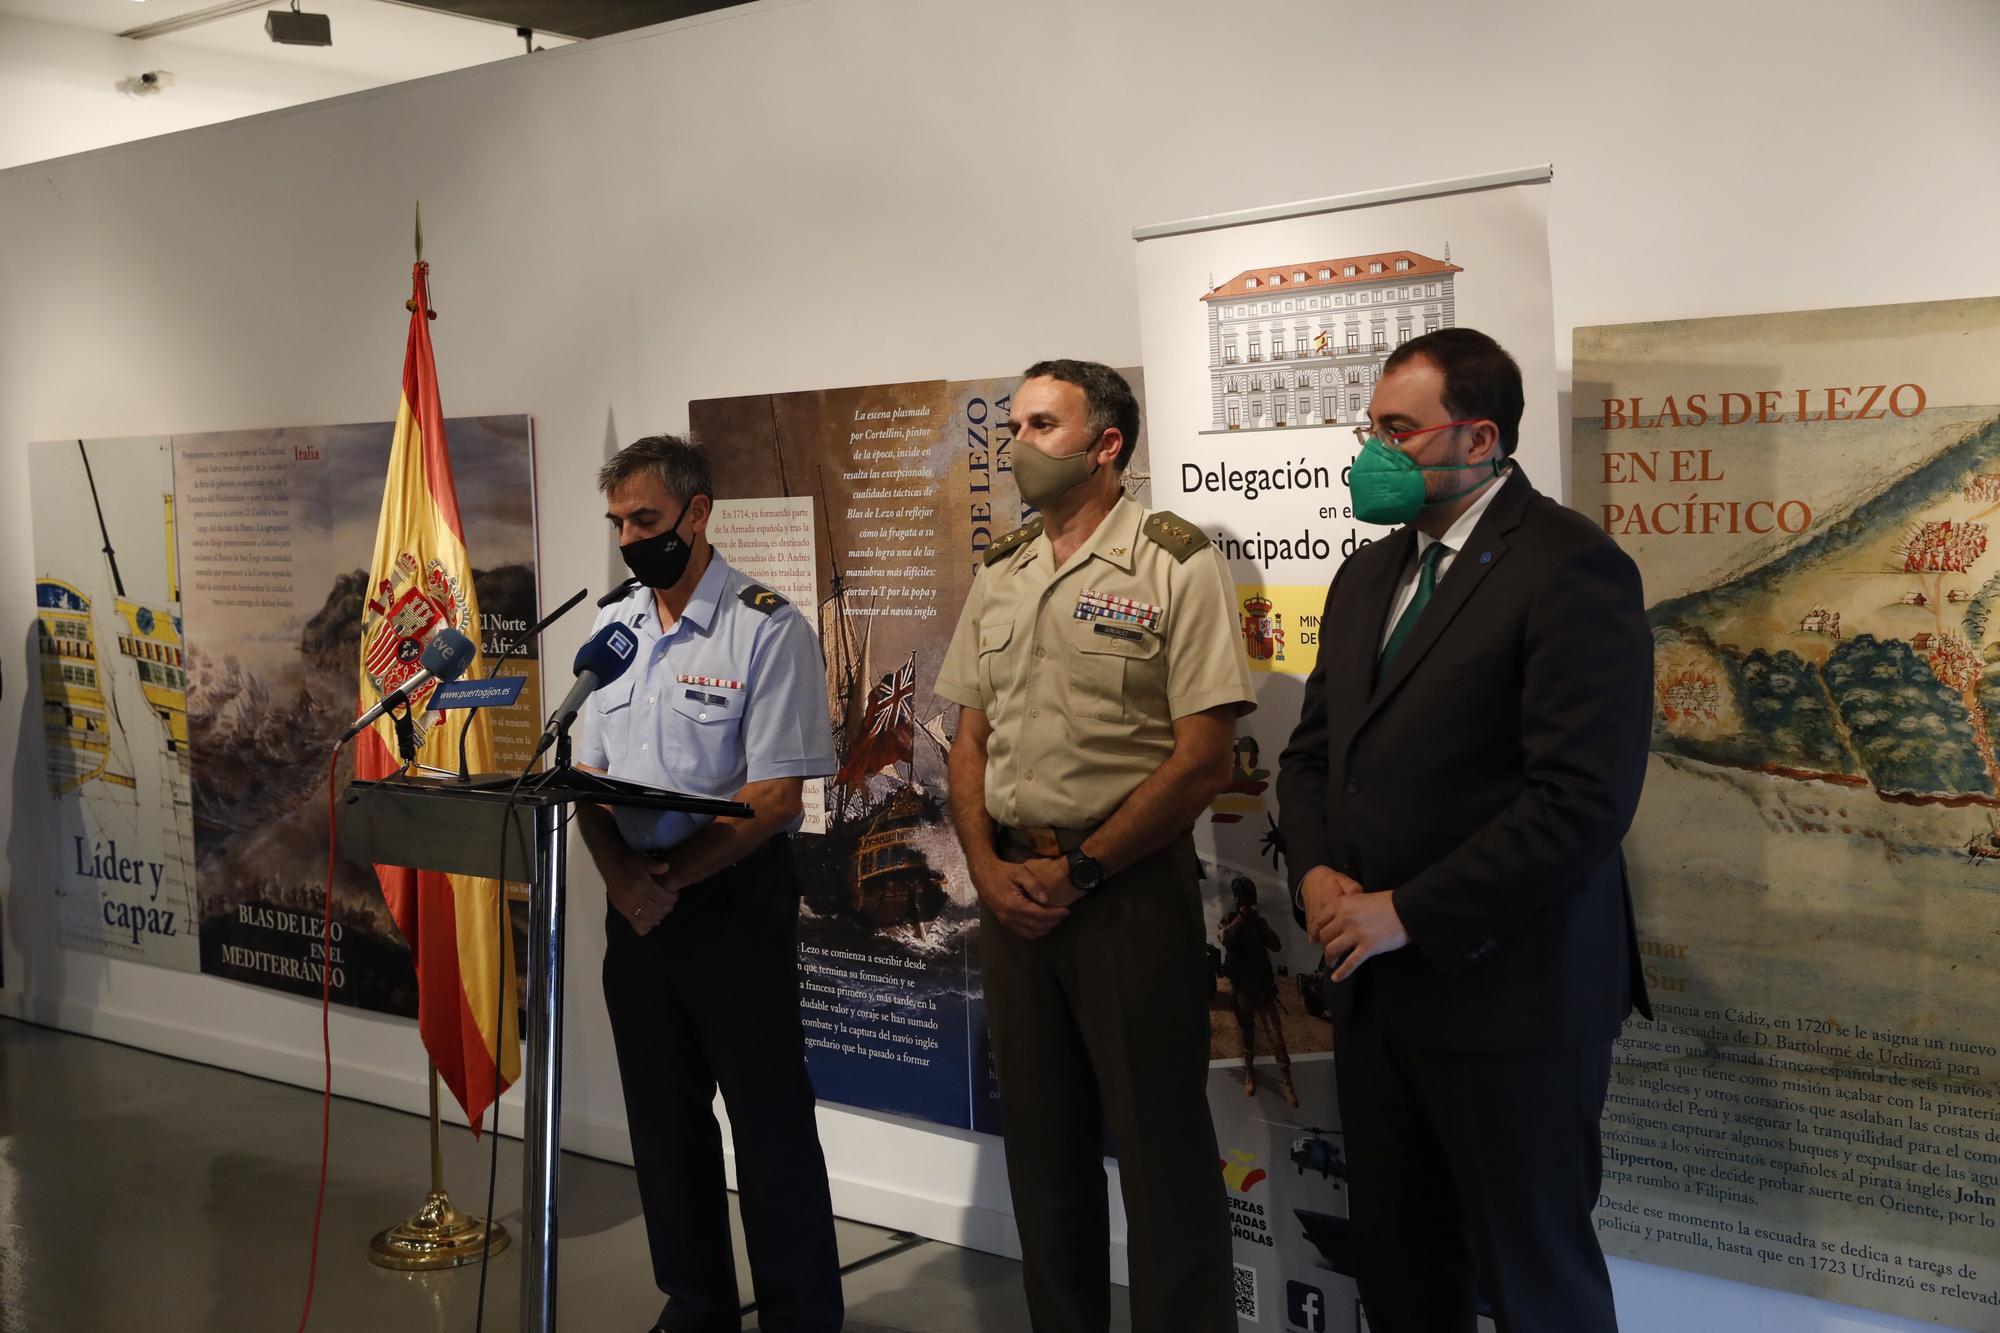 Exposici�n sobre Blas de Lezo en la Antigua Rula (15).jpg